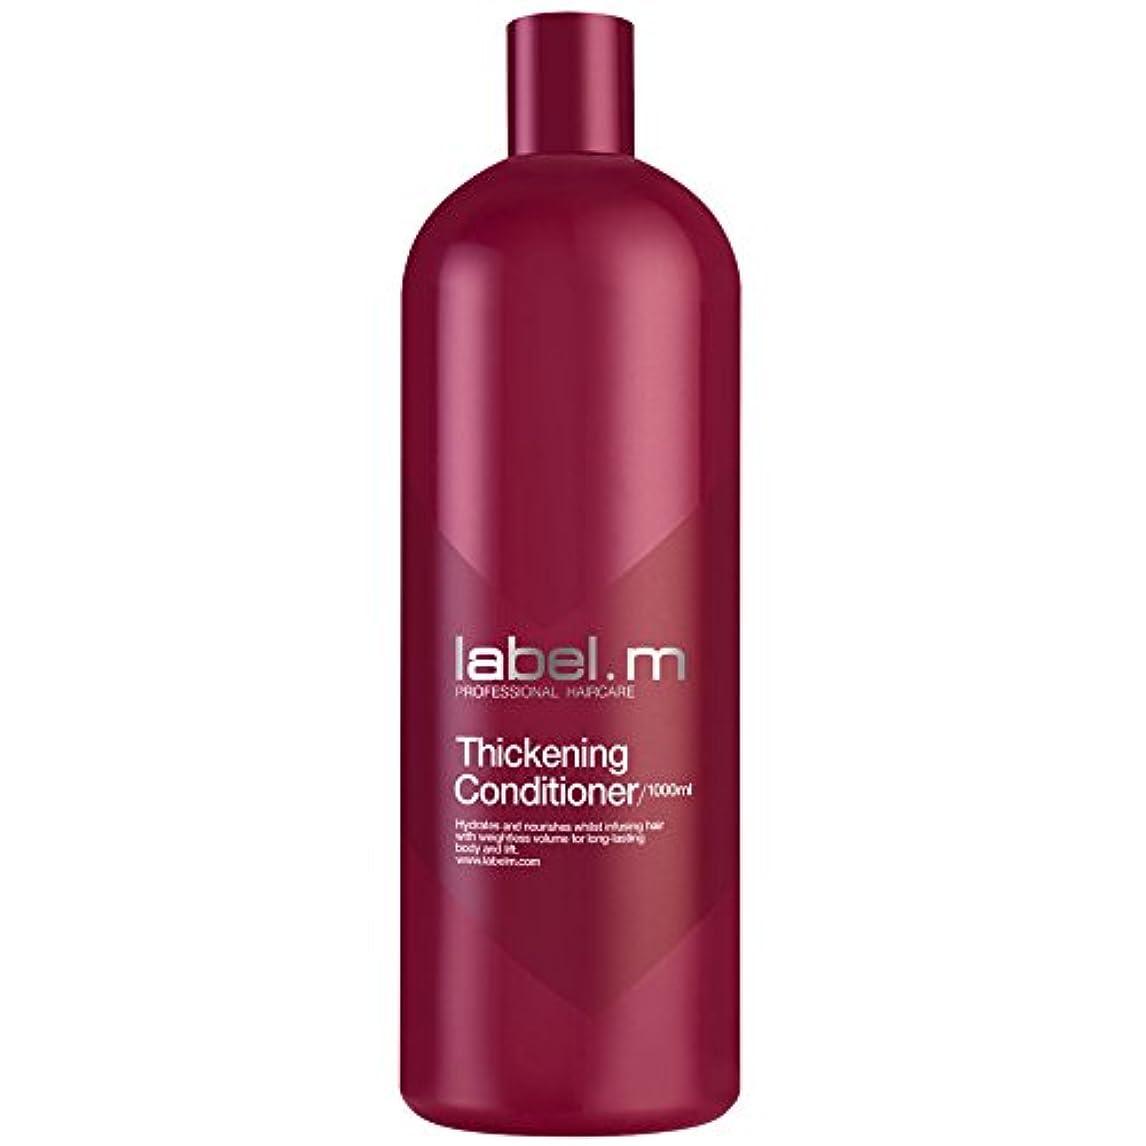 本気発掘誰もレーベルエム シックニング コンディショナー (髪に潤いと栄養を与えて、軽やかでコシとボリュームのある髪を長時間キープします。) 1000ml